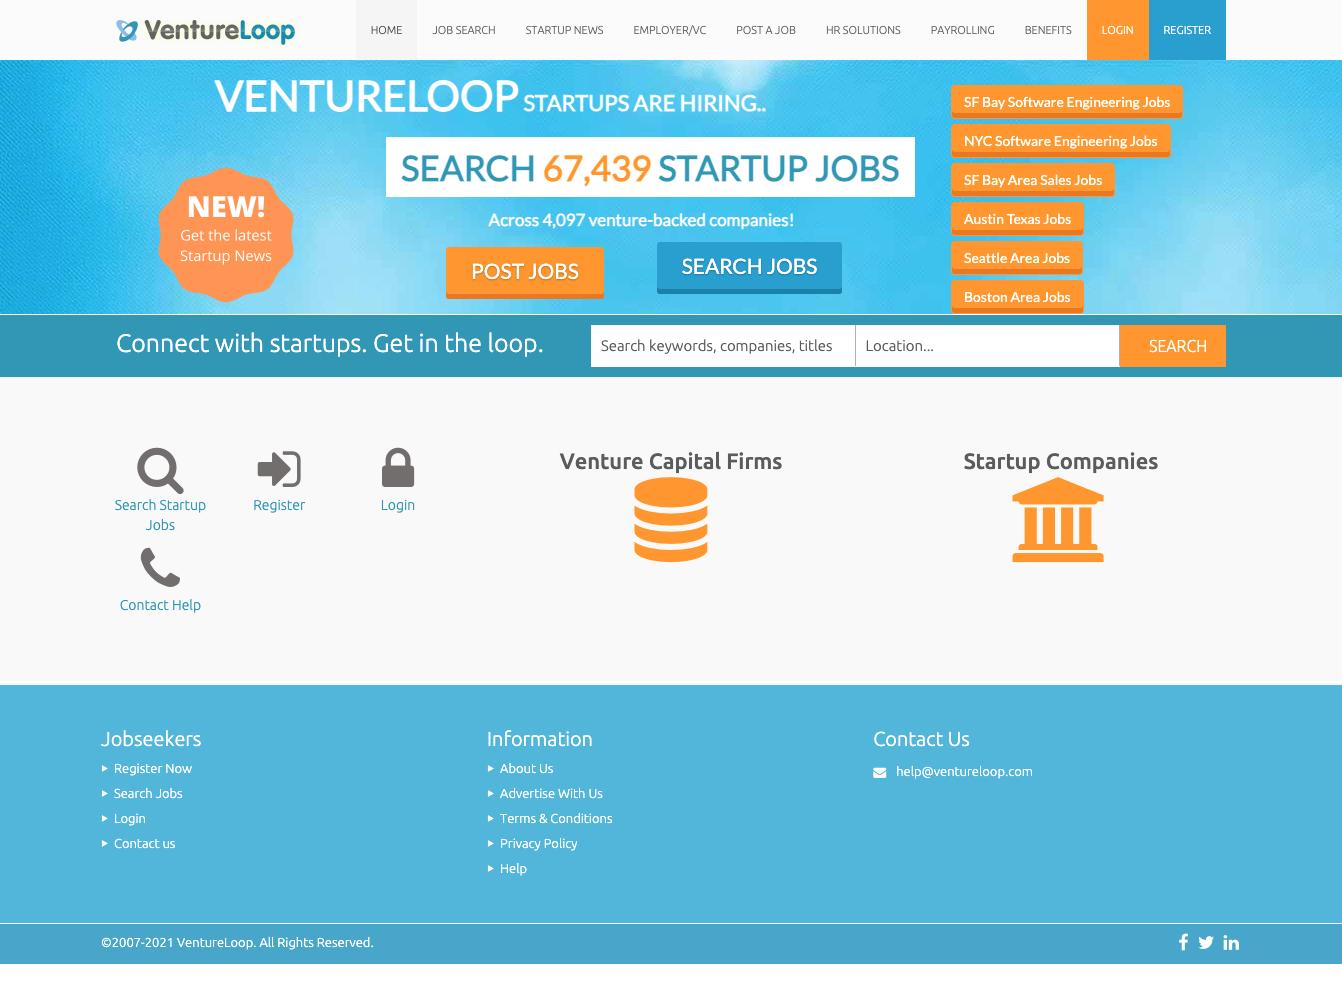 Venture Loop